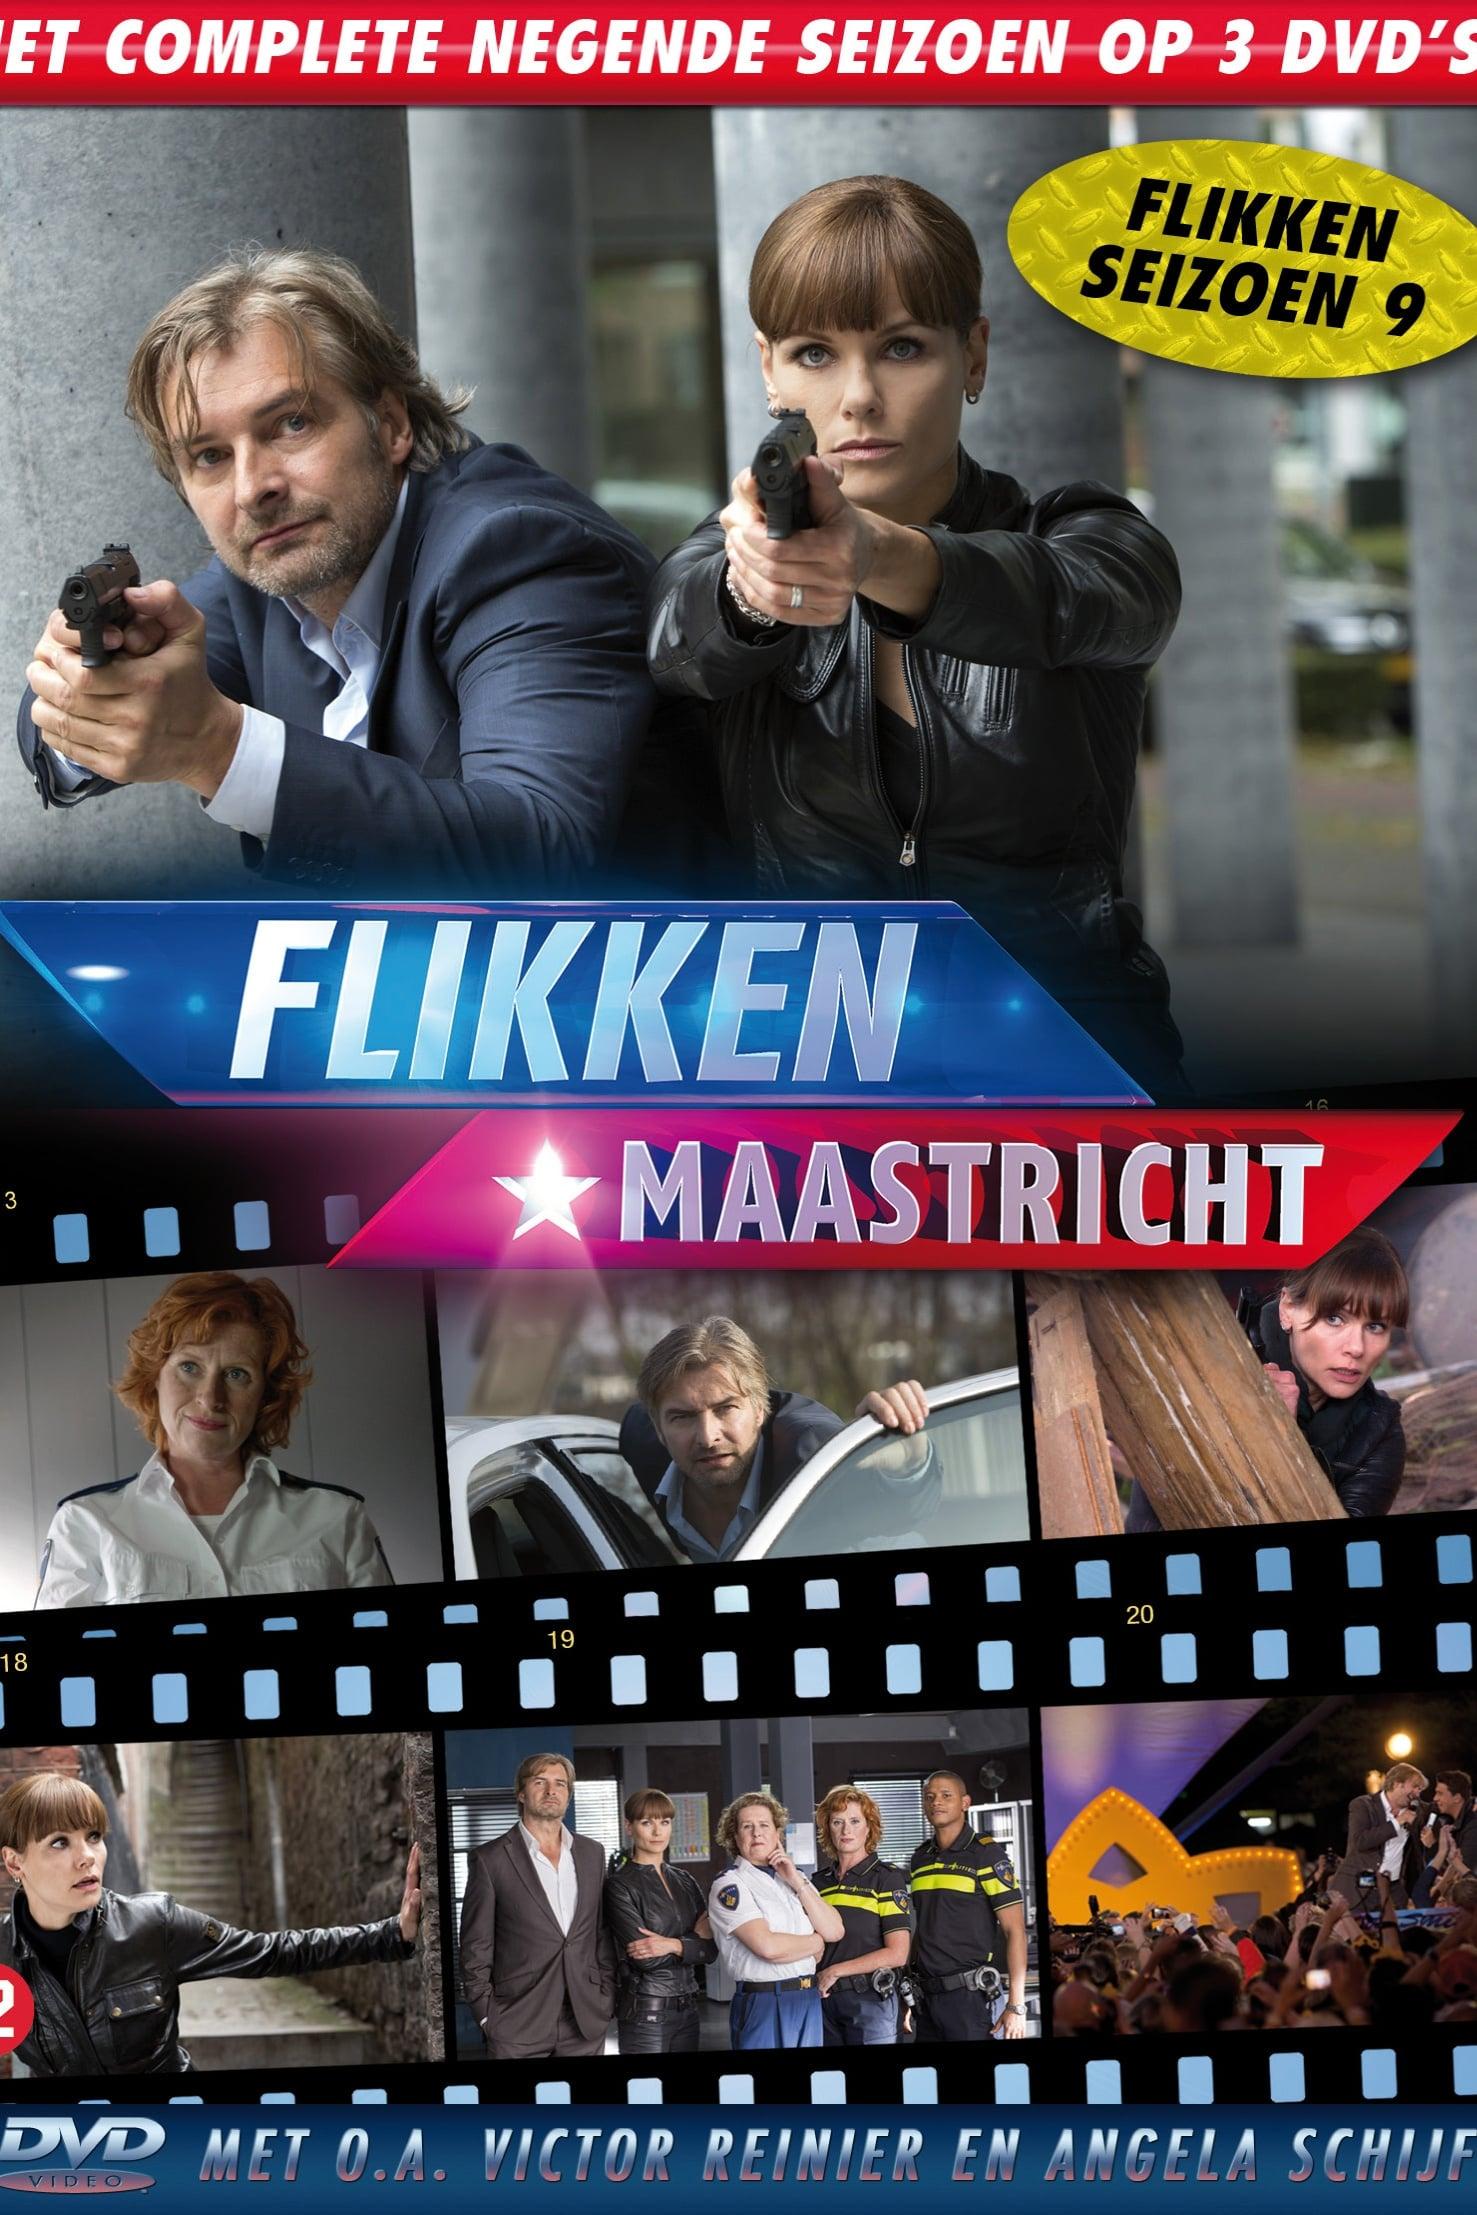 Flikken Maastricht Season 9